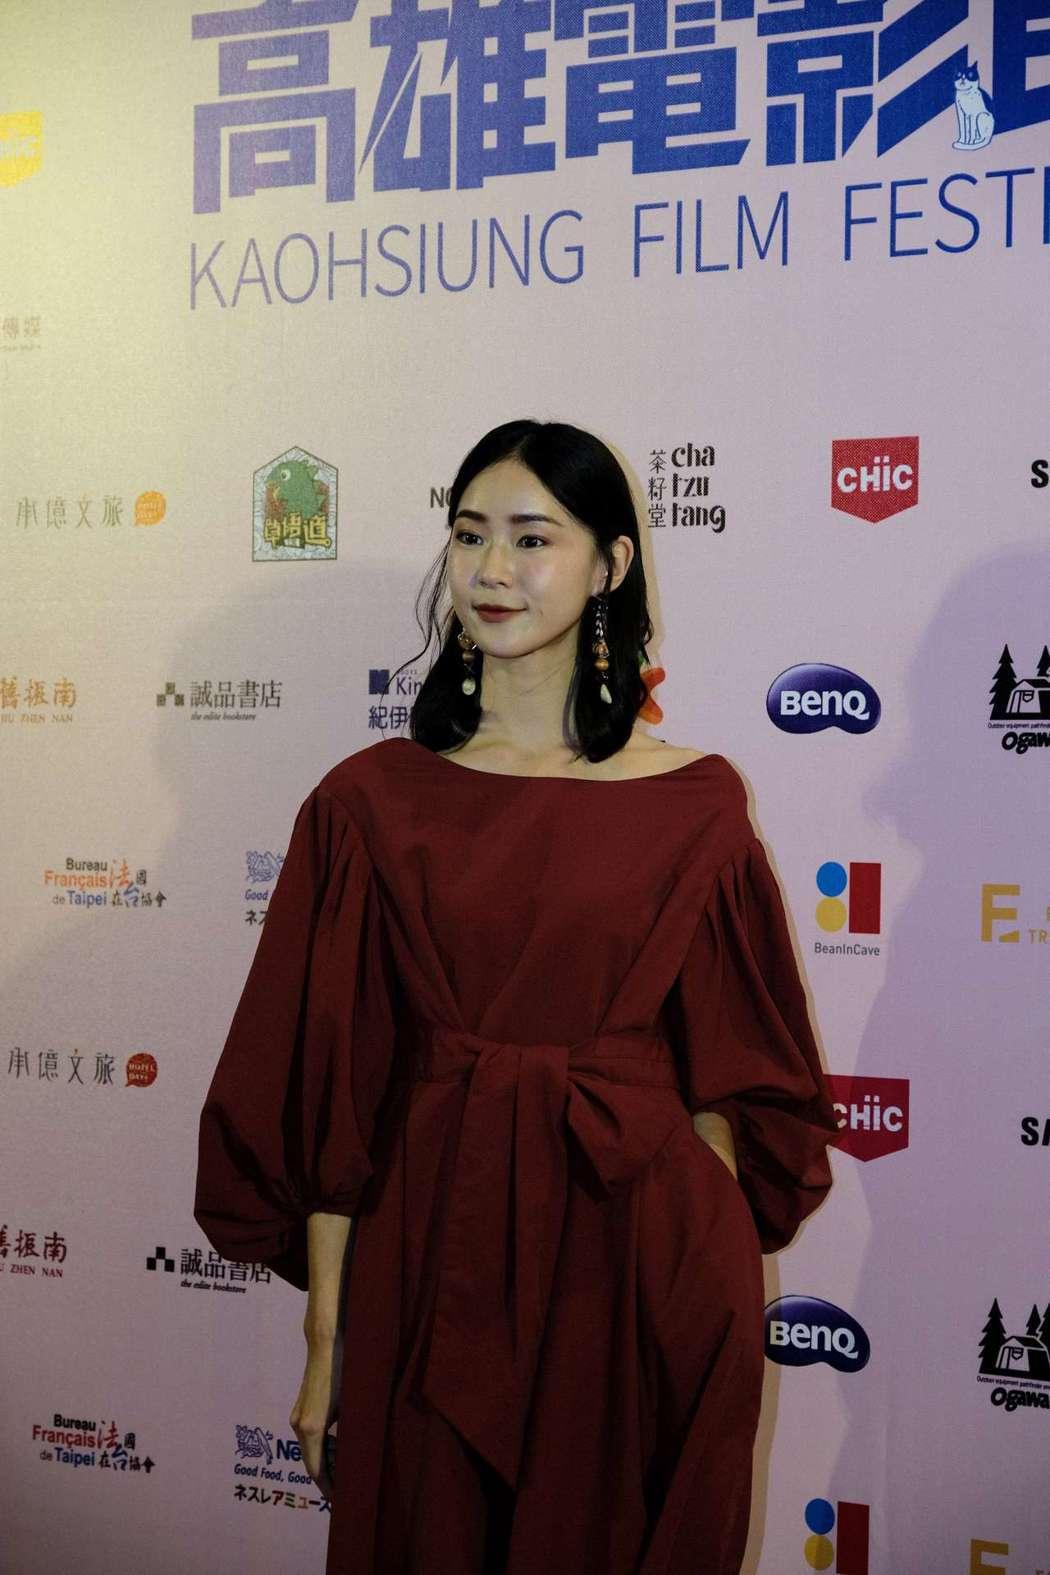 影展大使鍾瑶盛裝出席。圖/高雄電影節提供